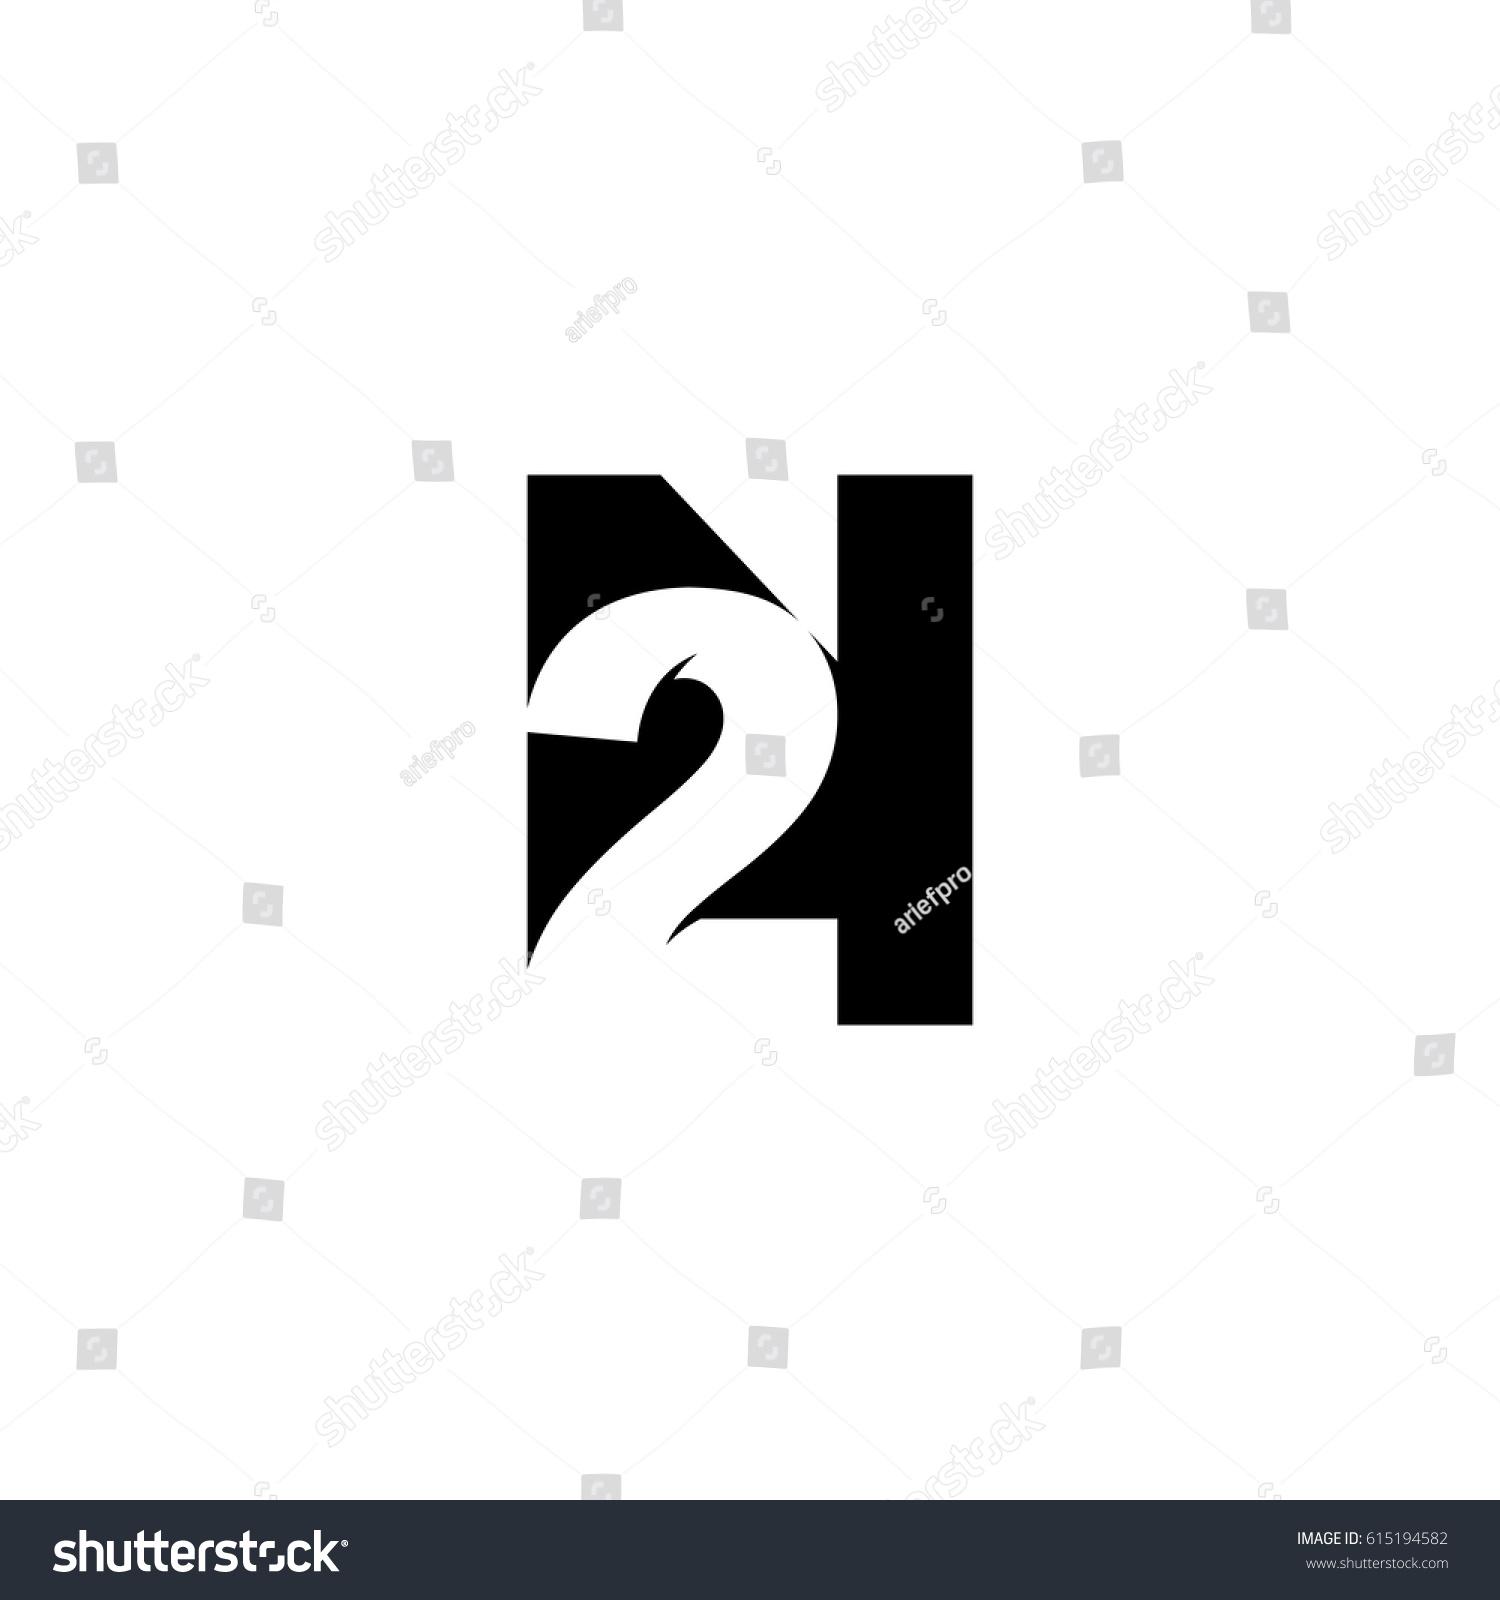 initial letter number logo n 2 stock vector 615194582 shutterstock